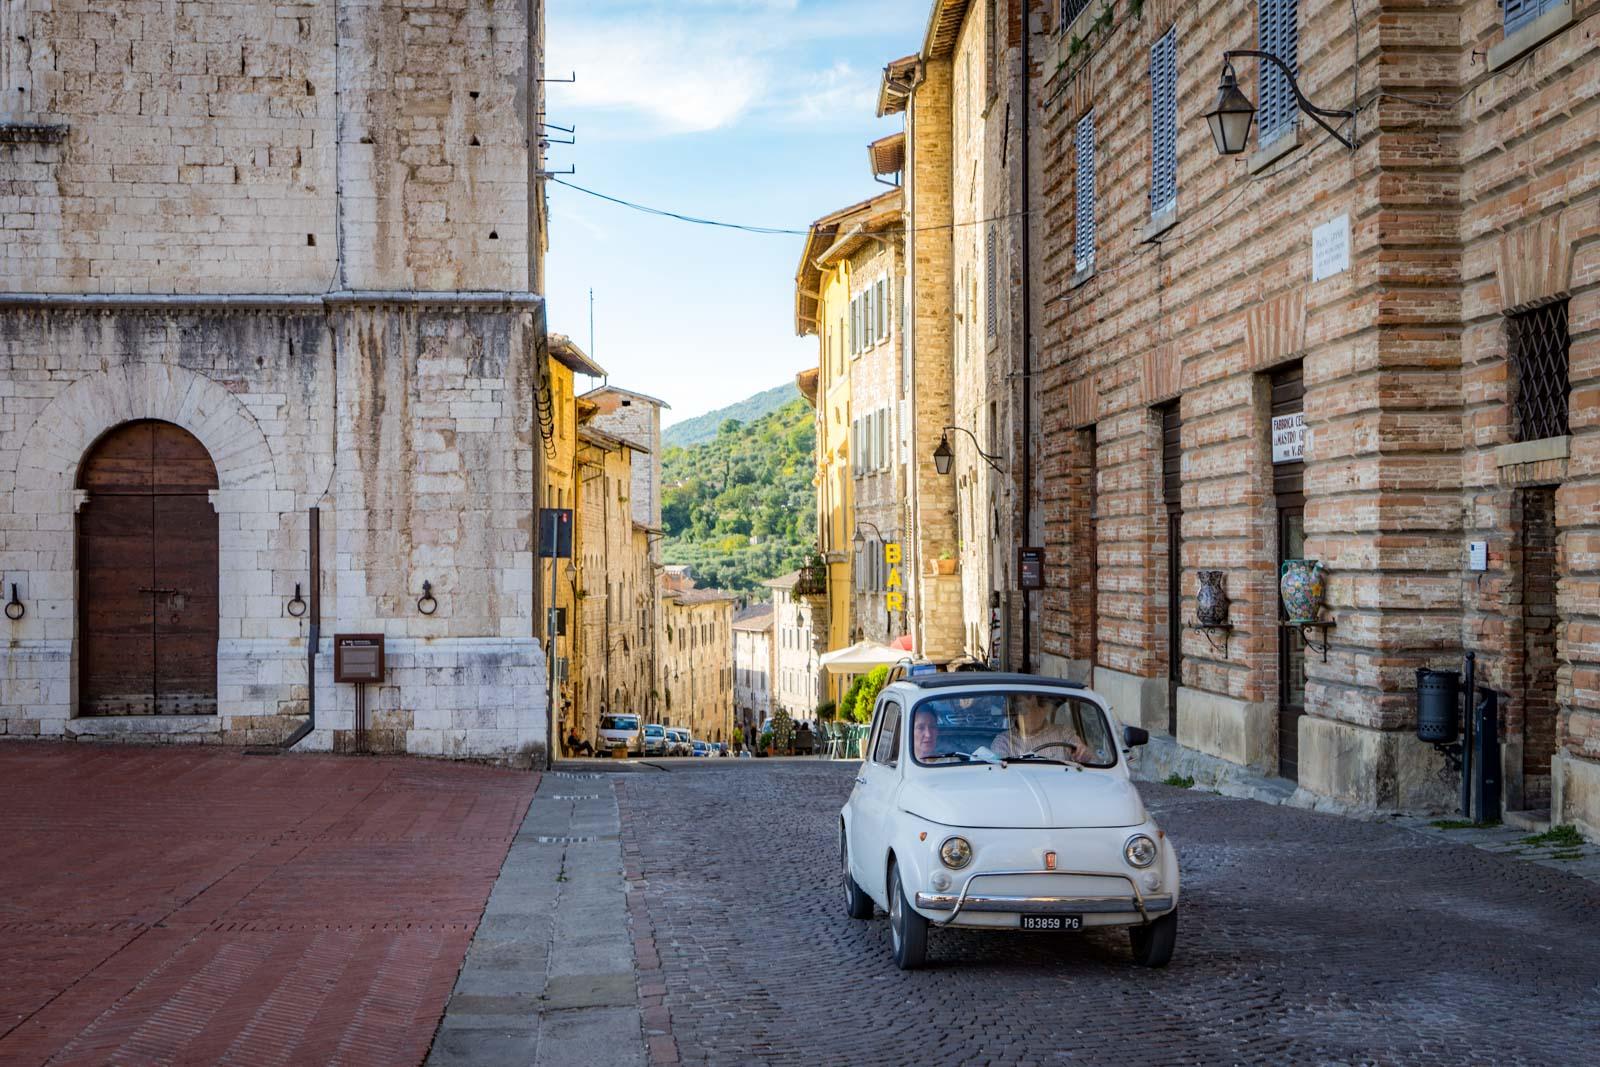 Visiting Gubbio, Umbria, Italy